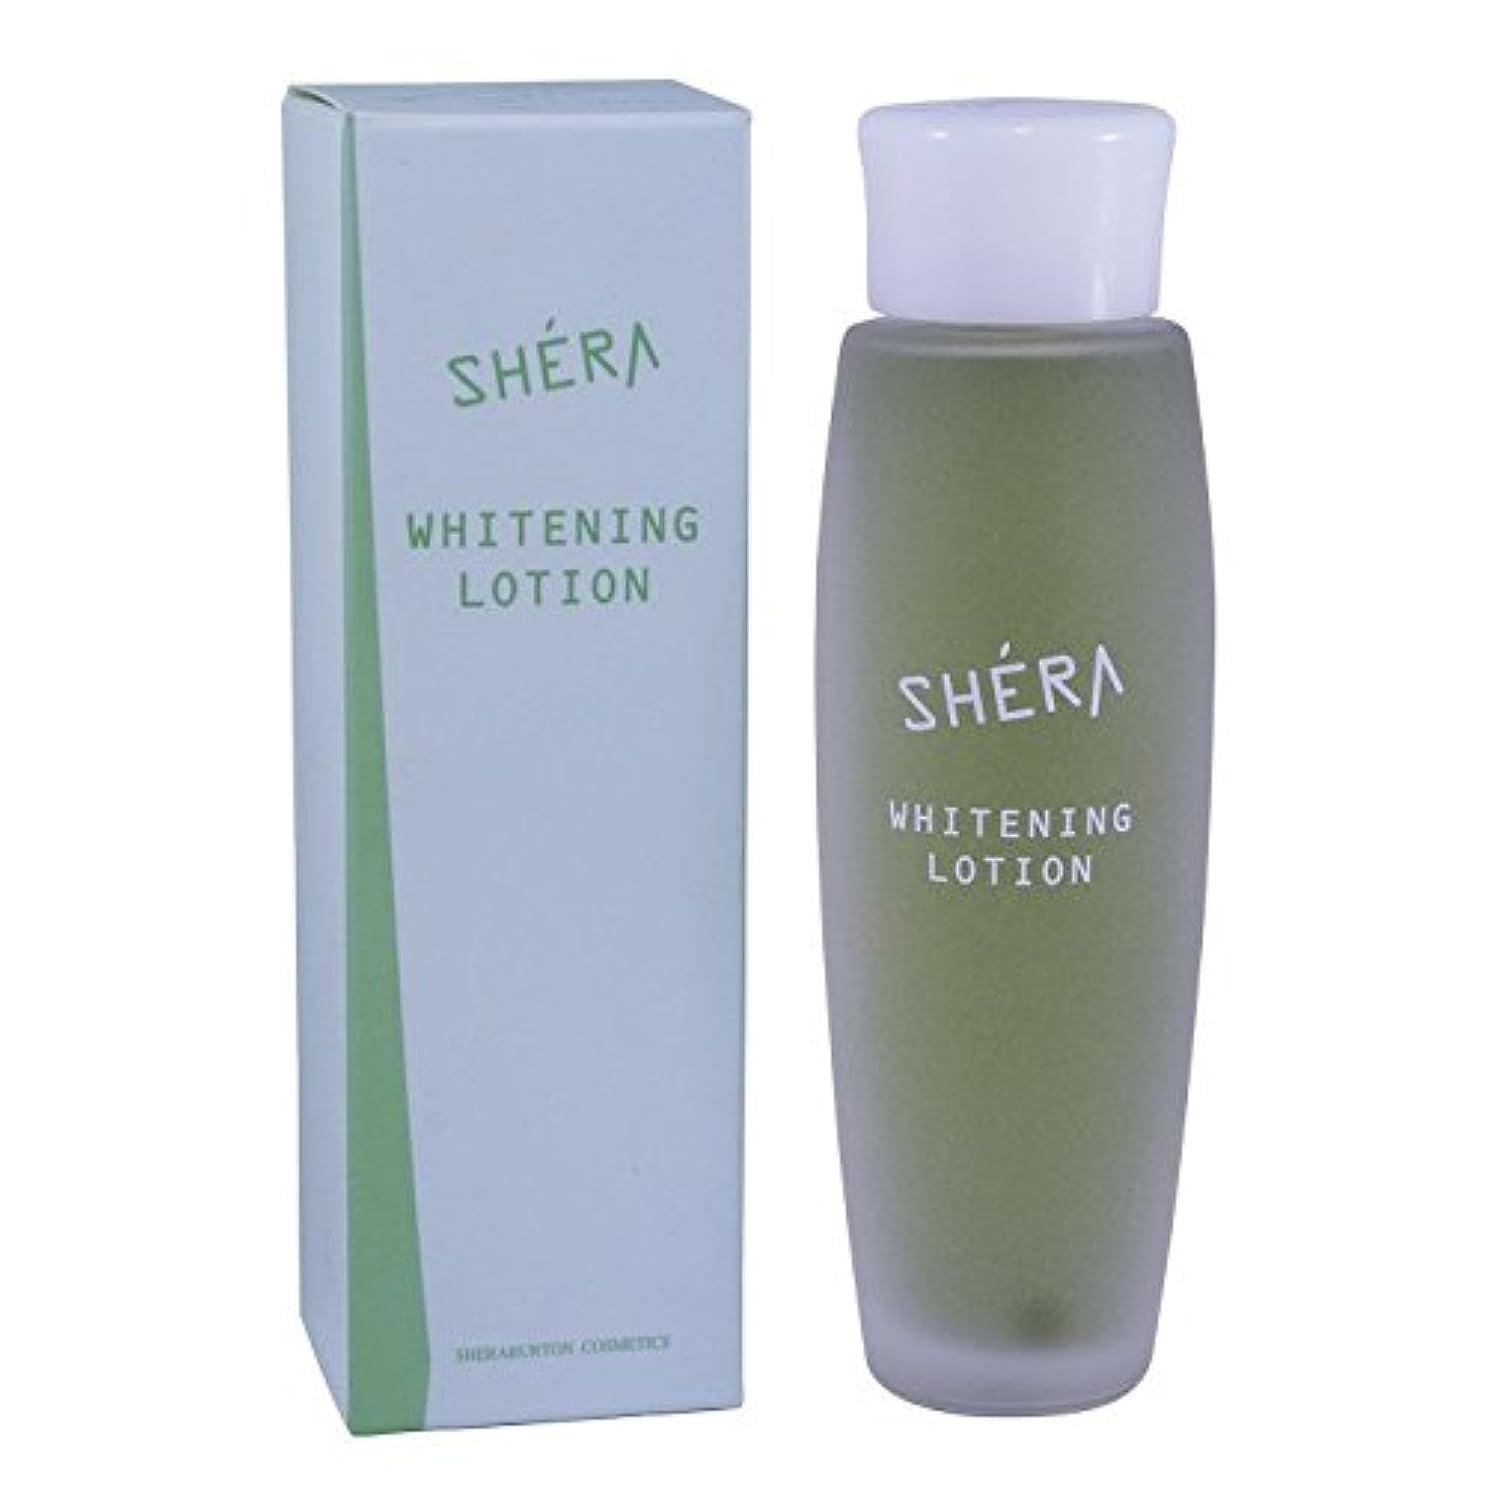 めんどり学士説得力のあるSHERA シェラバートン whitening lotionしっとり100ml